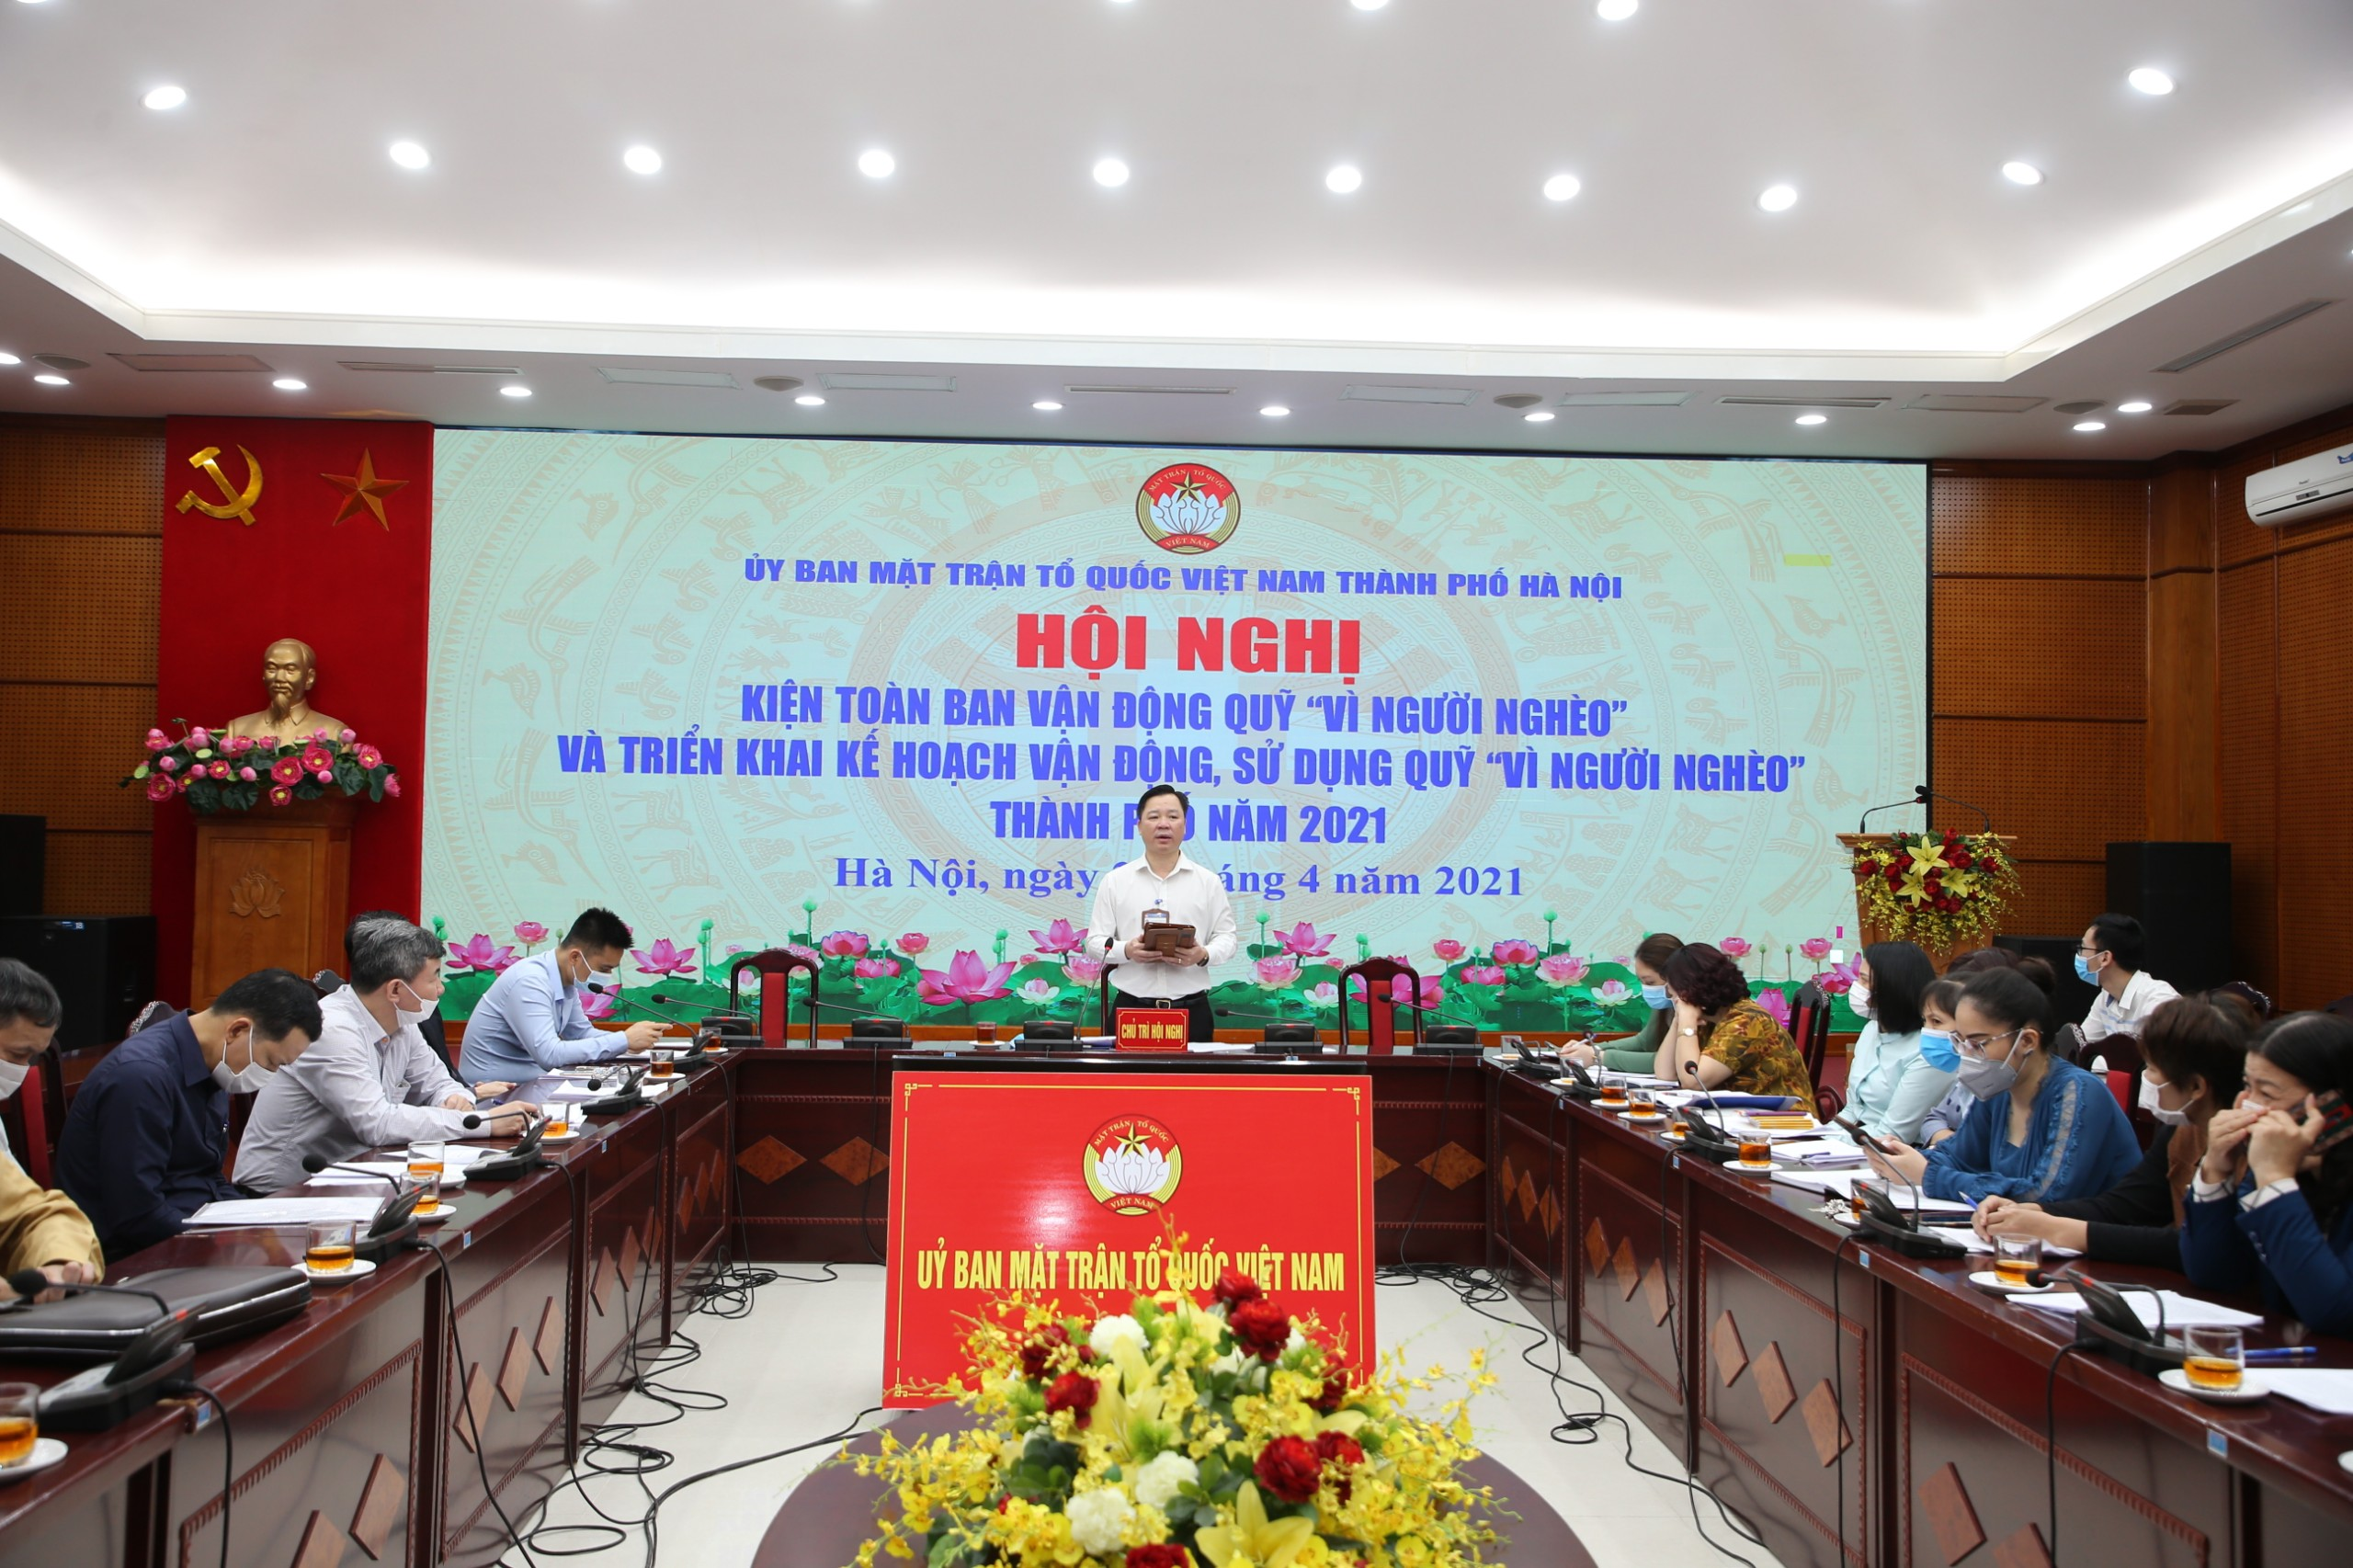 Ông Nguyễn Sỹ Trường, Phó Chủ tịch UBMTTQ thành phố Hà Nội phát biểu tại hội nghị.